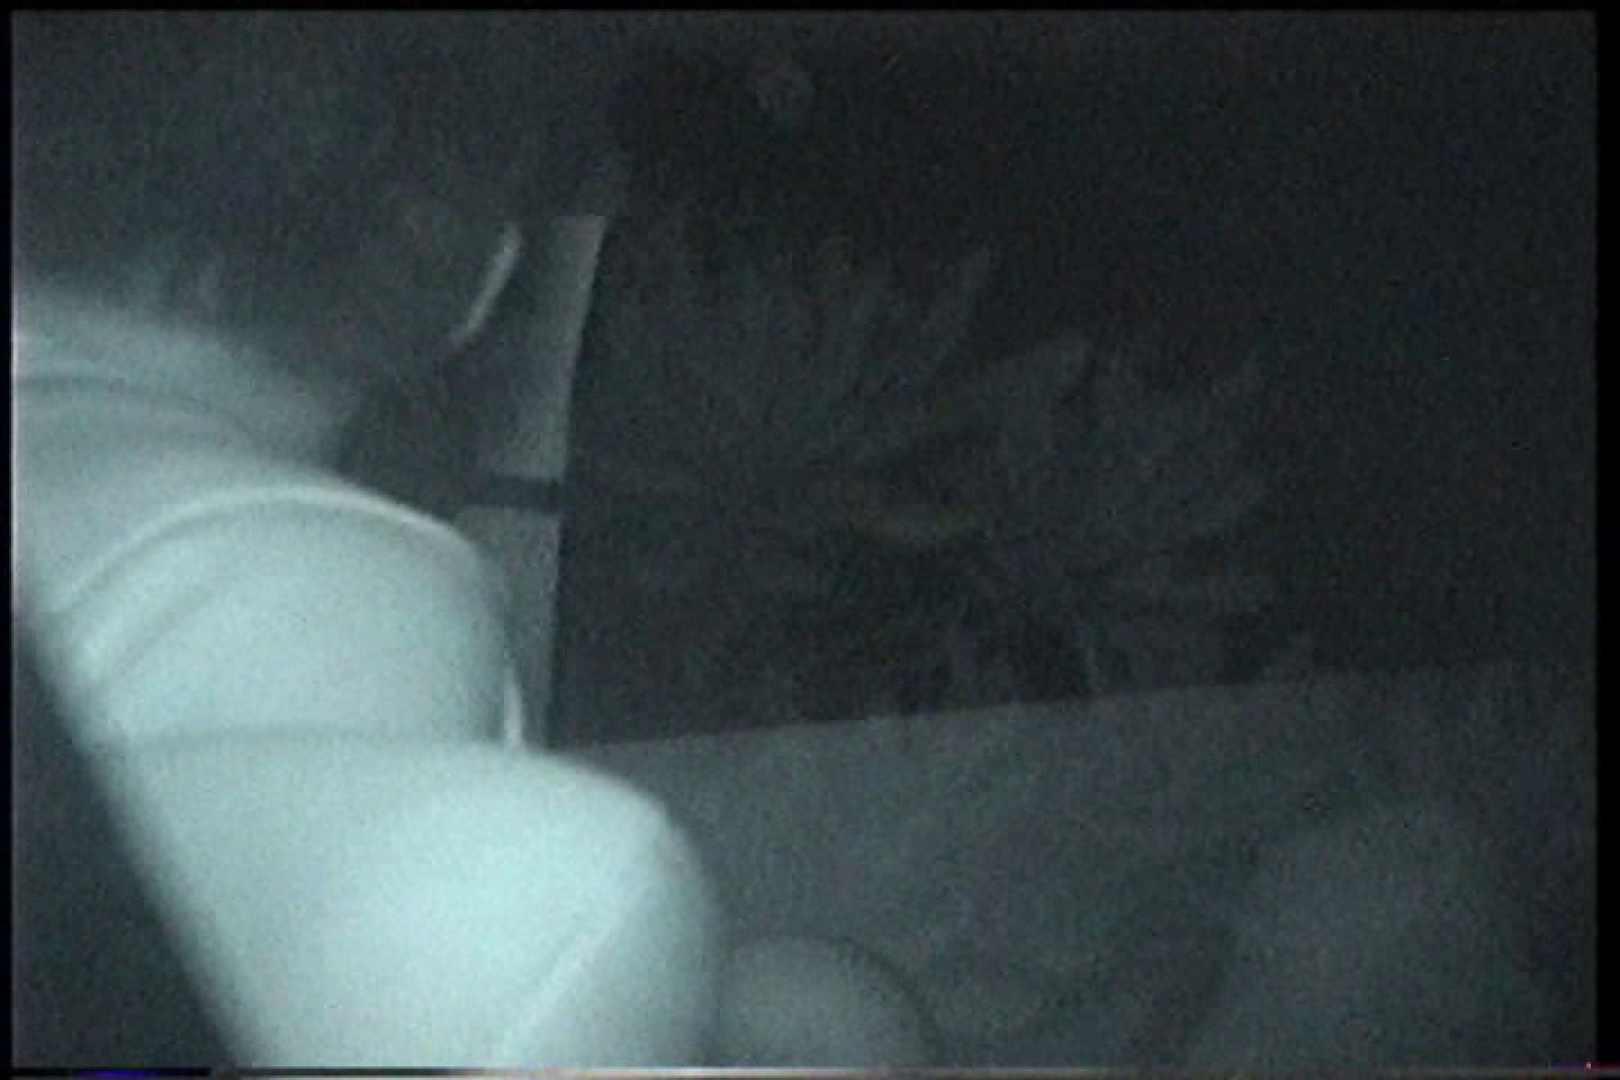 充血監督の深夜の運動会Vol.180 エロティックなOL 盗撮画像 89画像 10